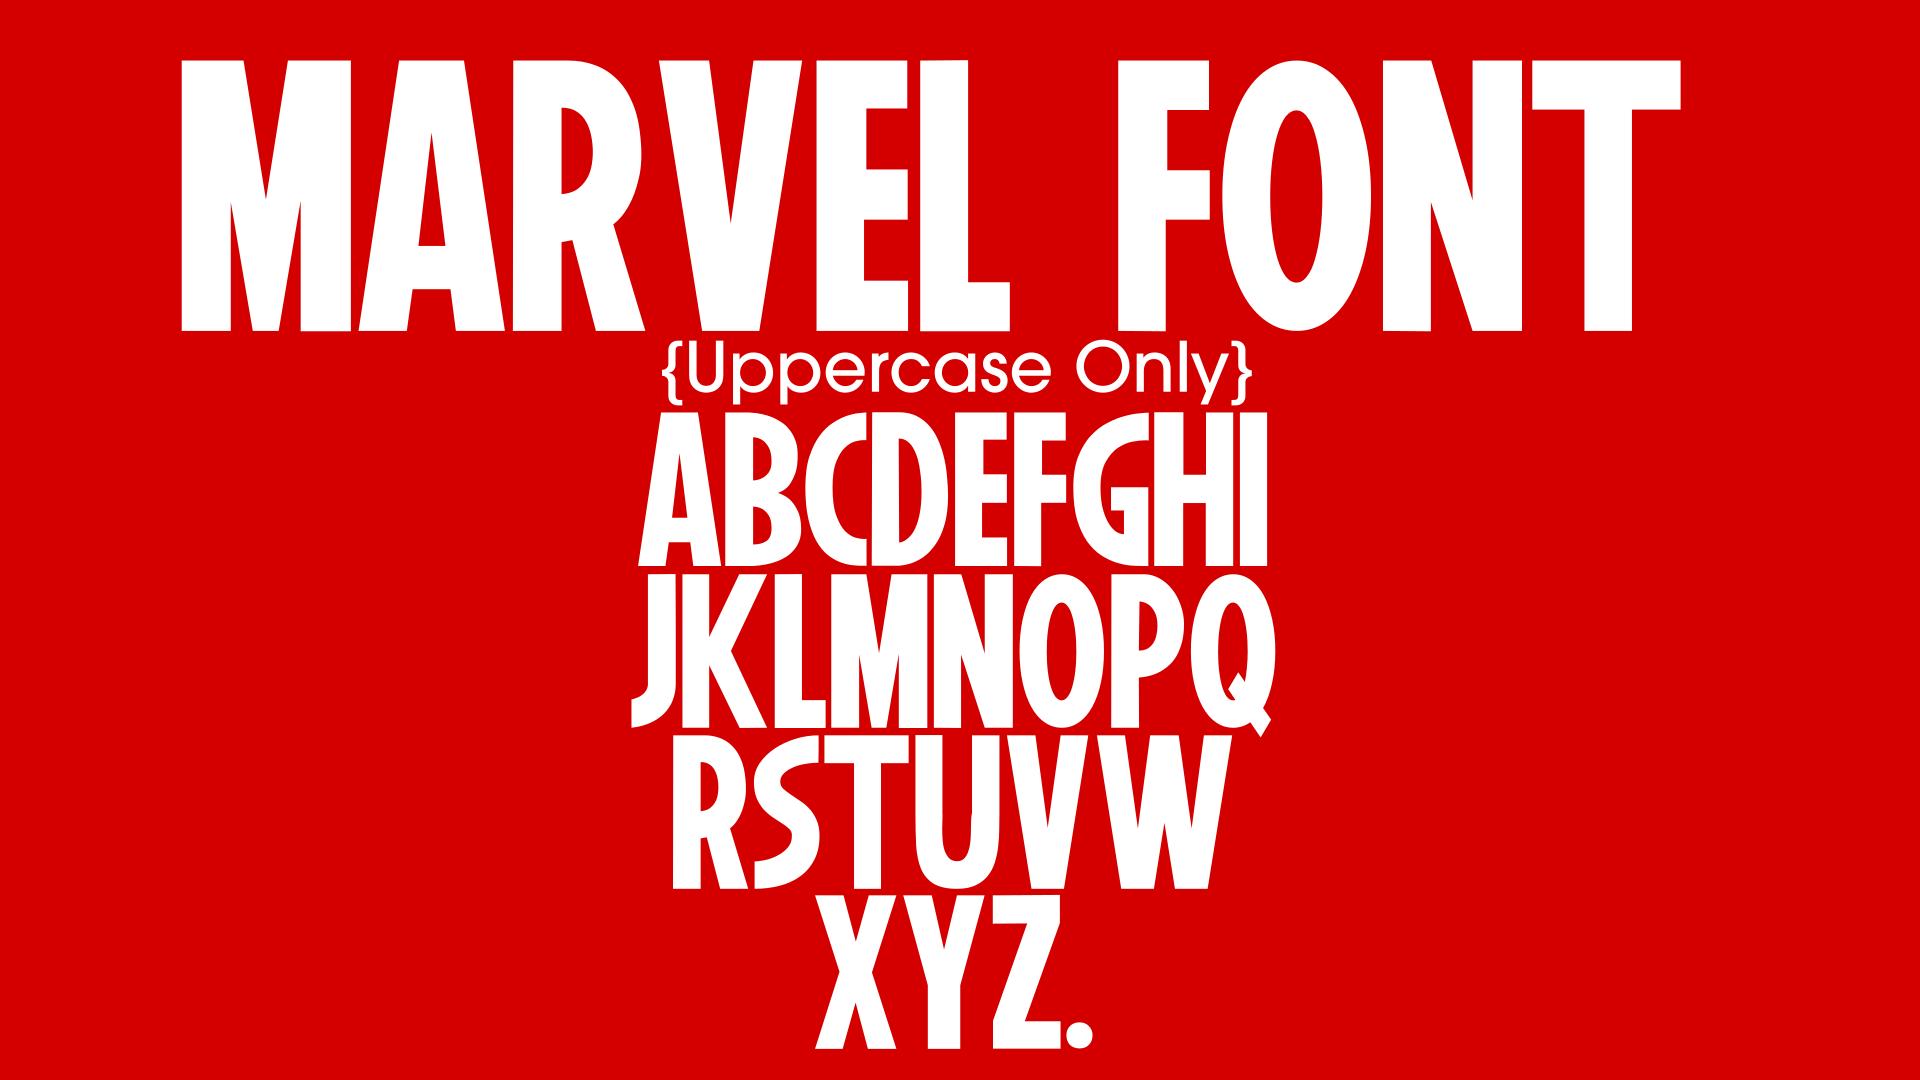 marvel-font-poster-design-36436